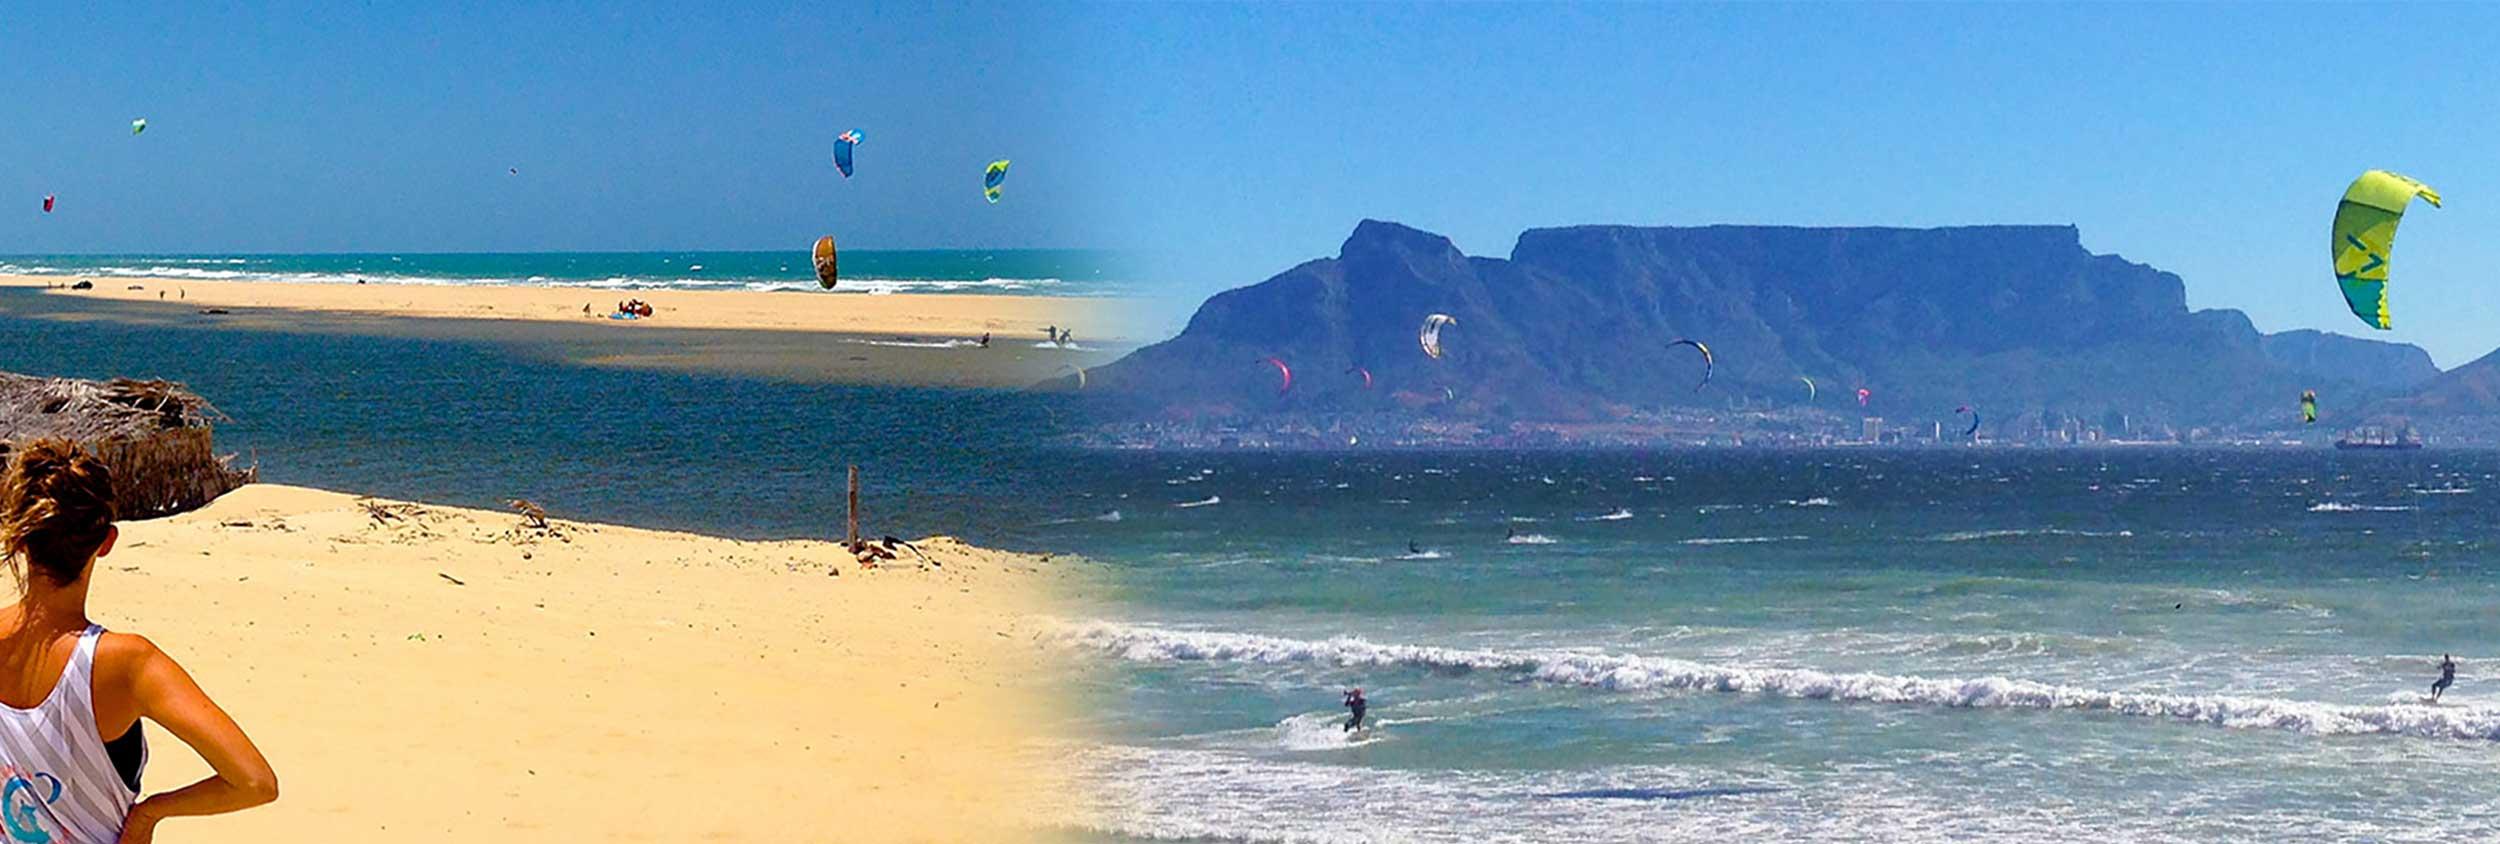 Freeride Kitesurf Brazil / Cape Town